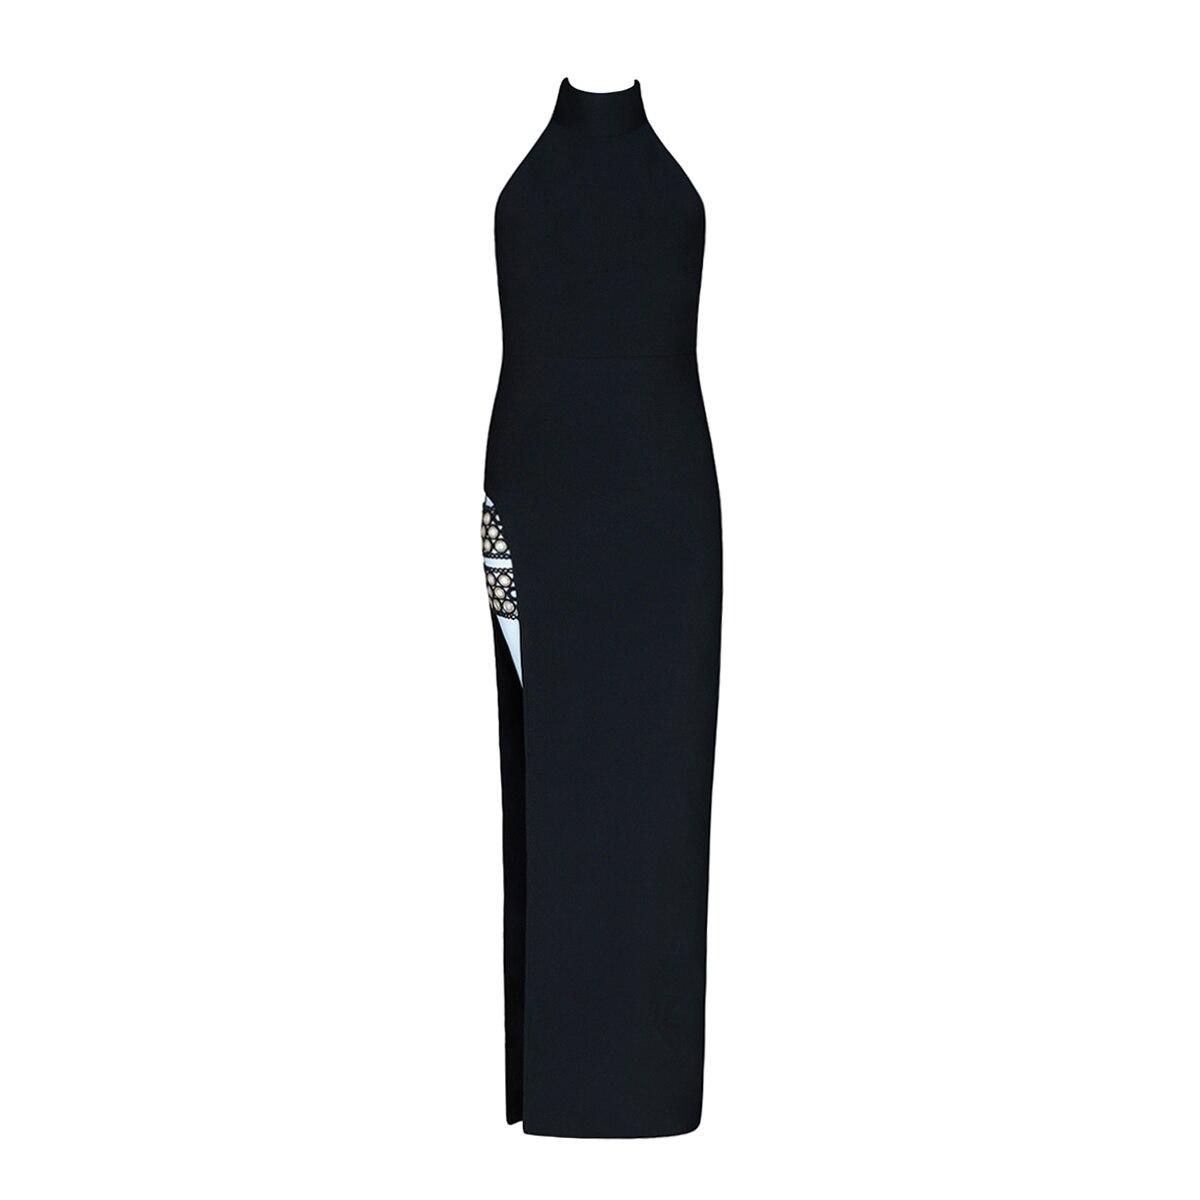 2018 Nu Noir Halter Partie Sexy Lacée Nouvelle Dos Robe Luxe Soirée Deavogy De Femmes 8dY8FR